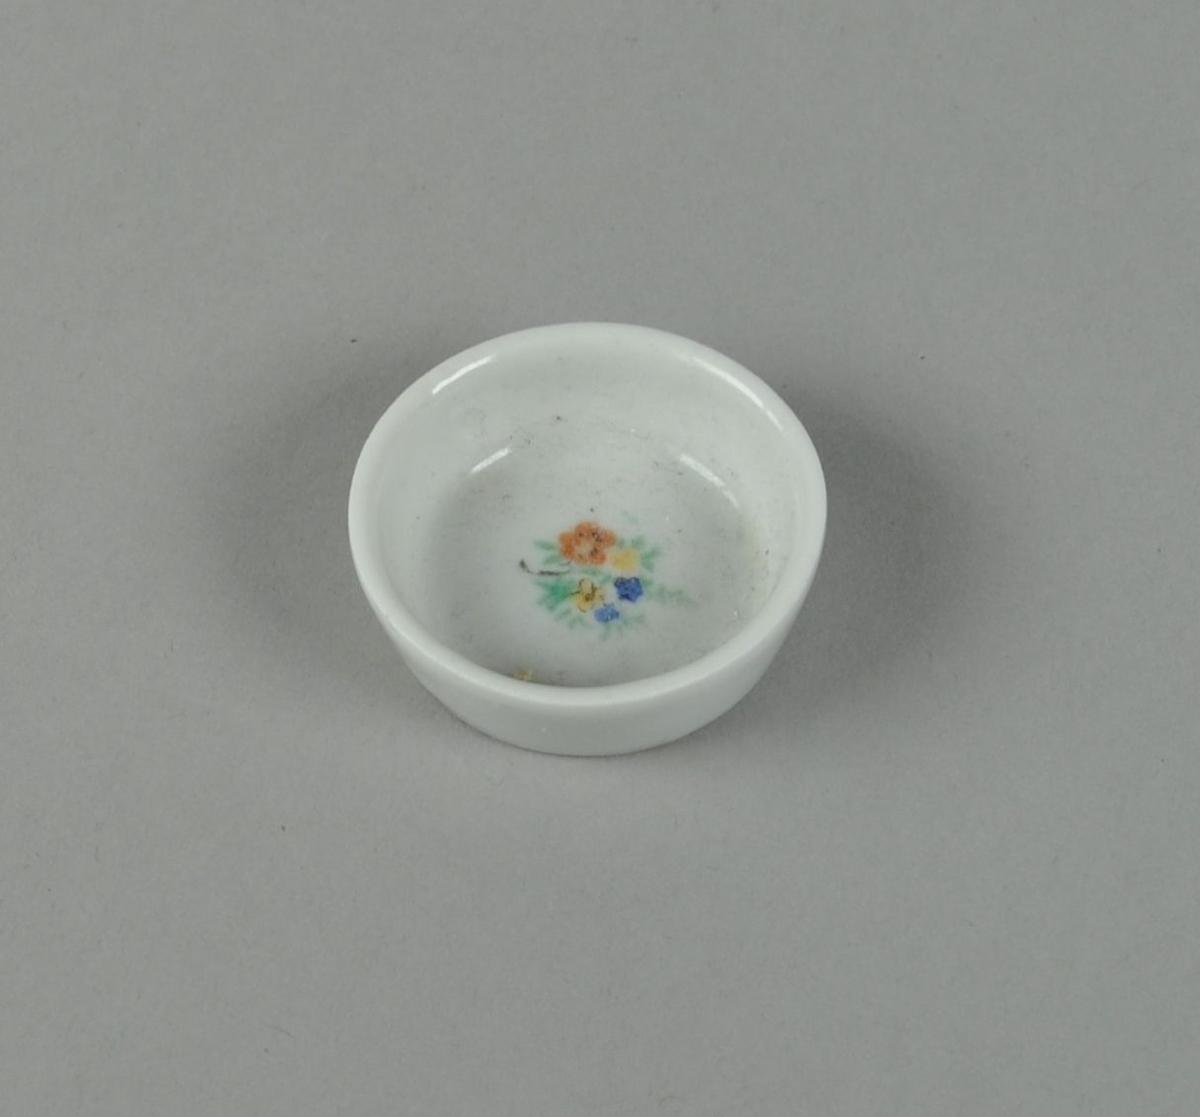 Bolle av glassert keramikk, med malte blomster i bunnen.